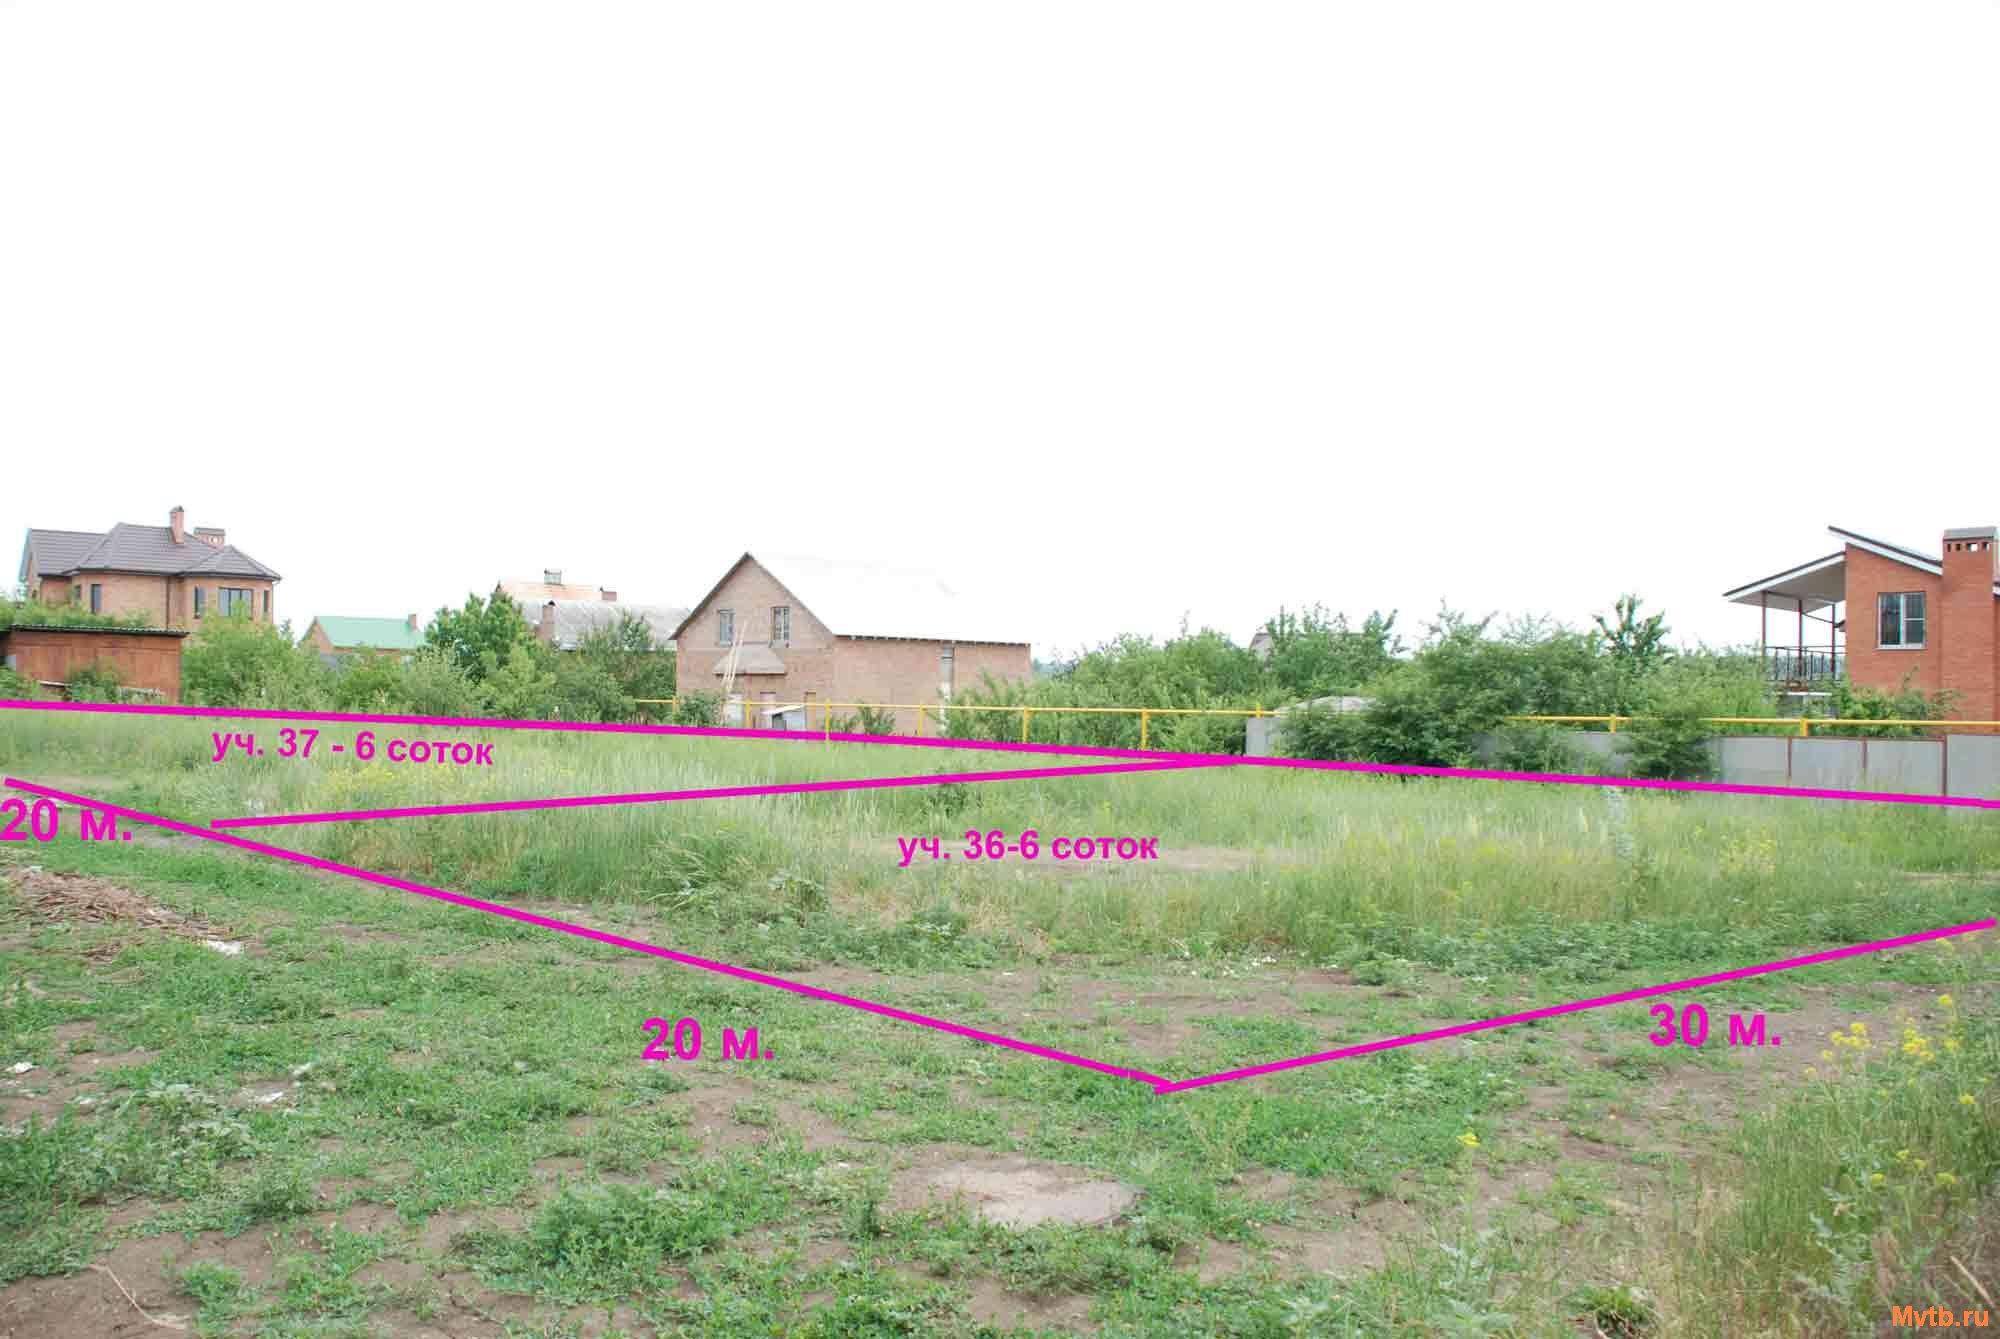 Фото и схемы планировки дачного участка 6 соток: как распланировать дачу своими руками